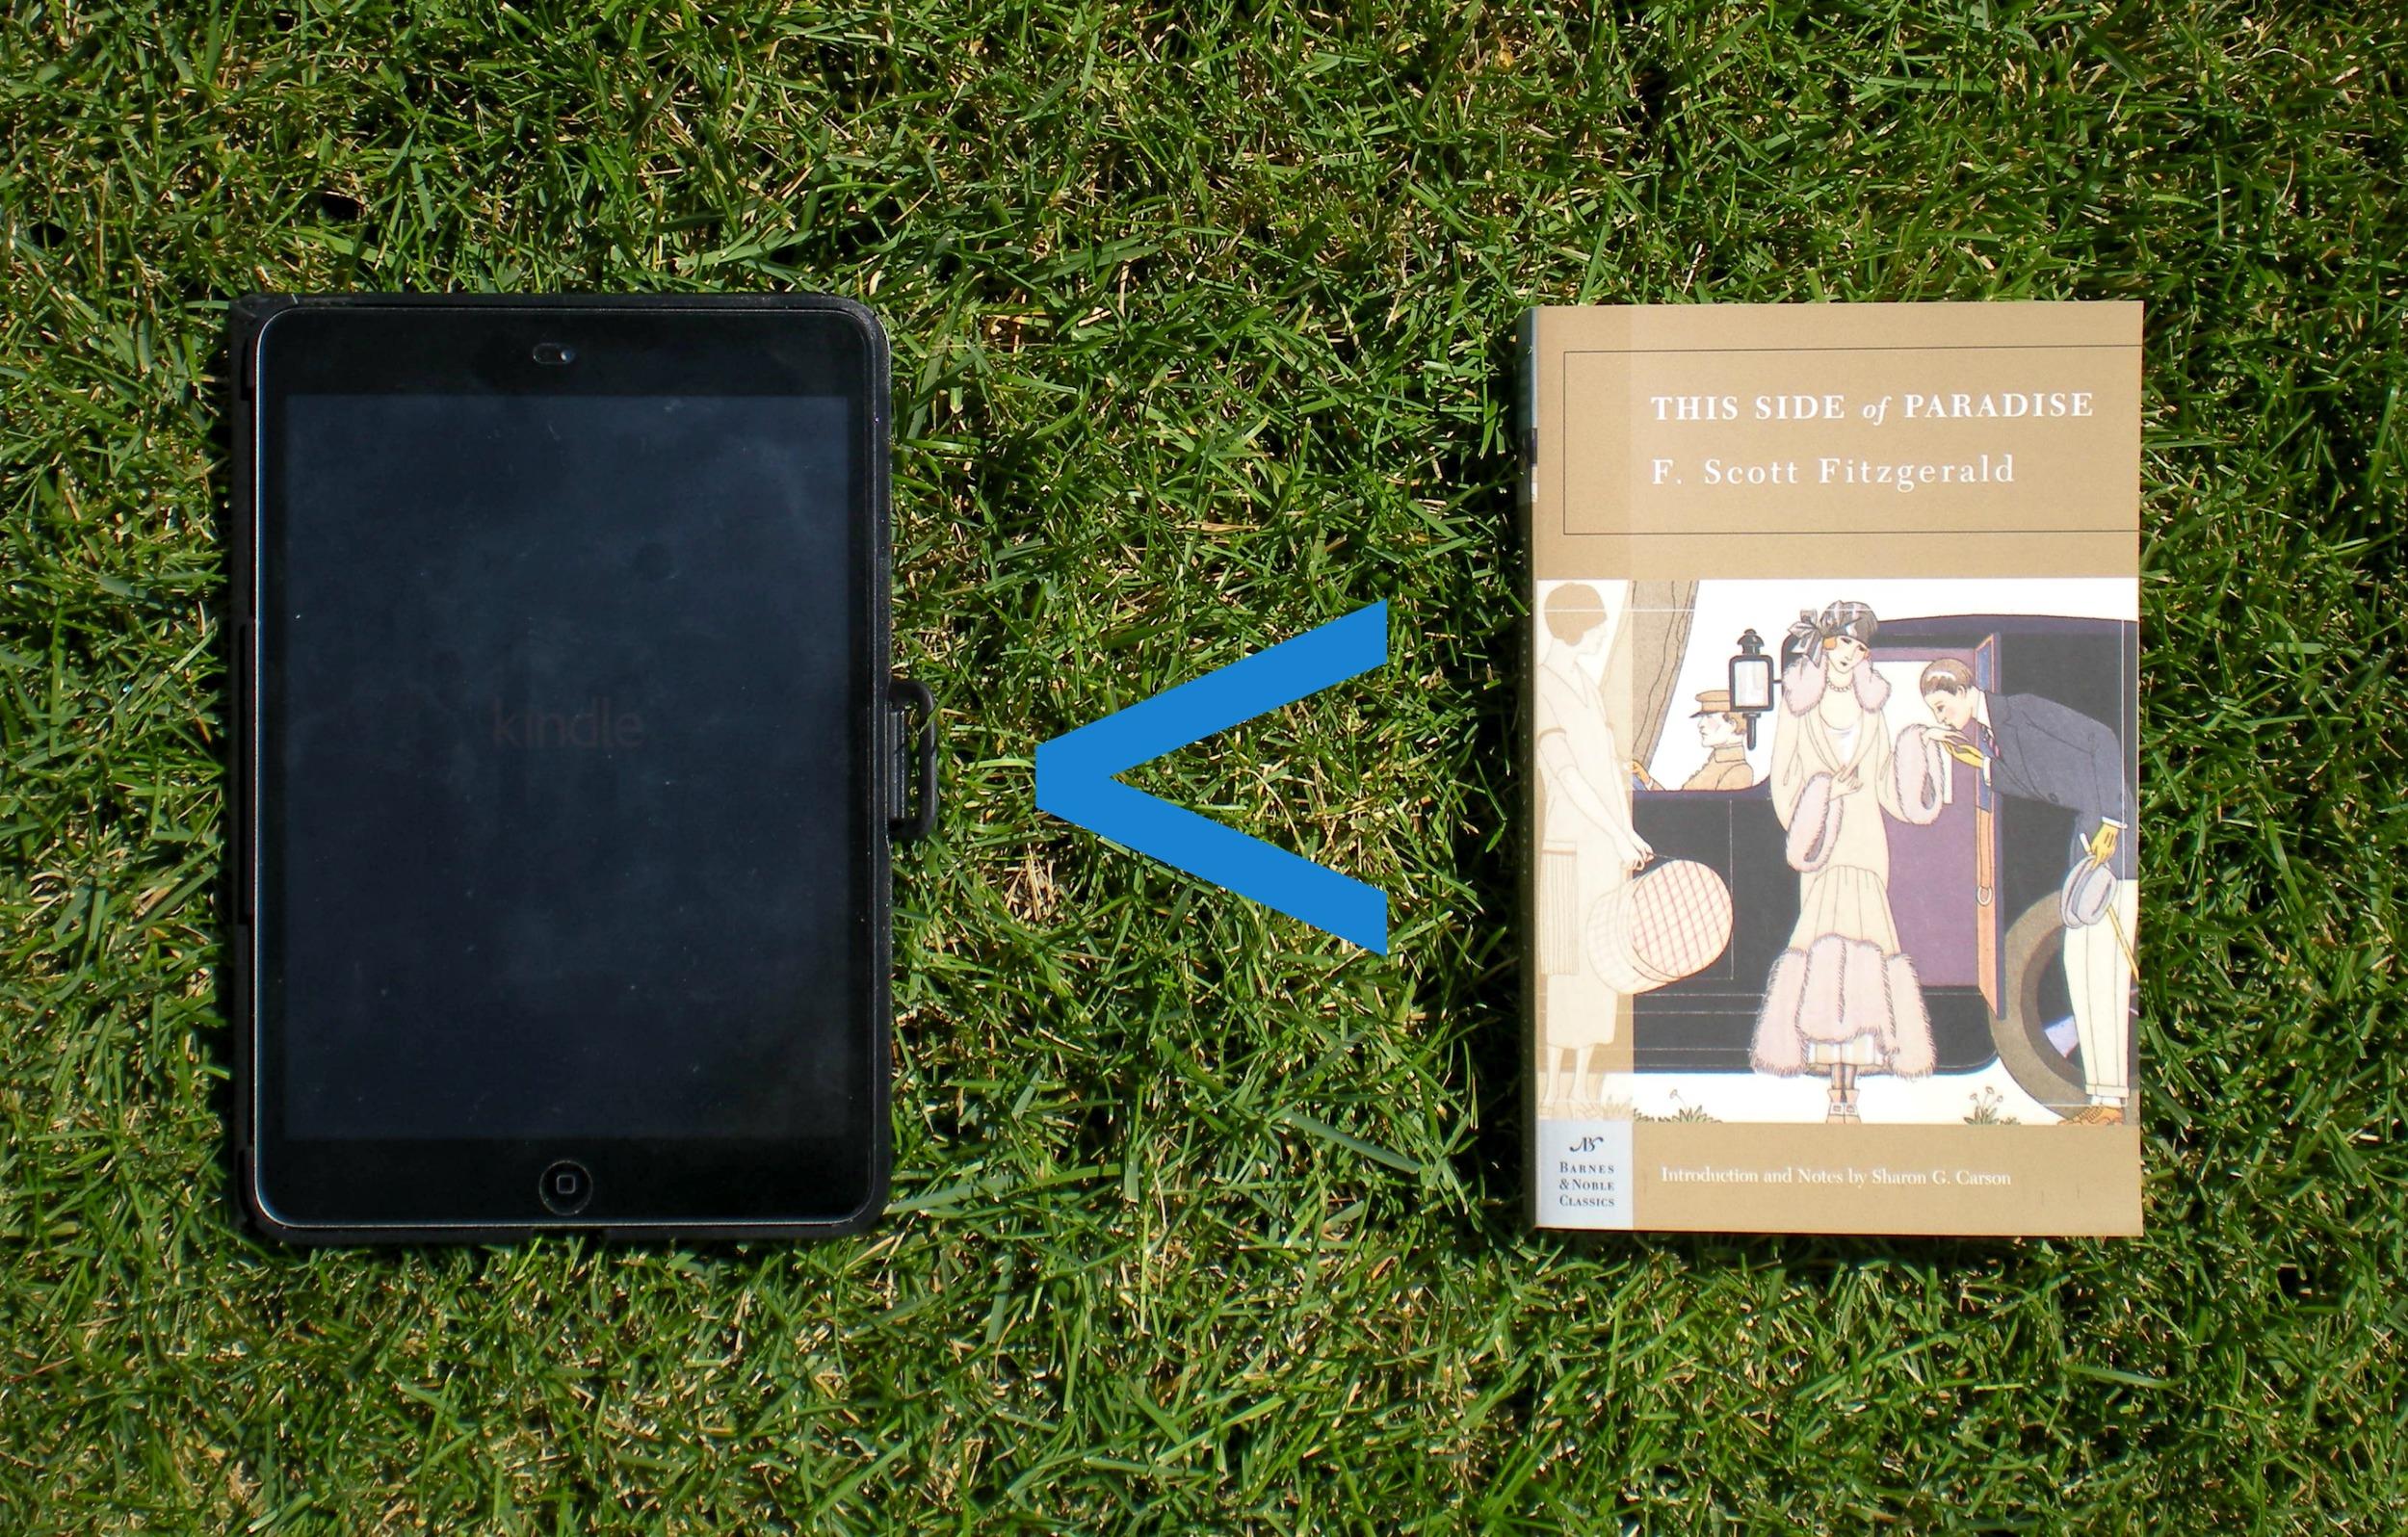 Books Rule, Kindles Drool